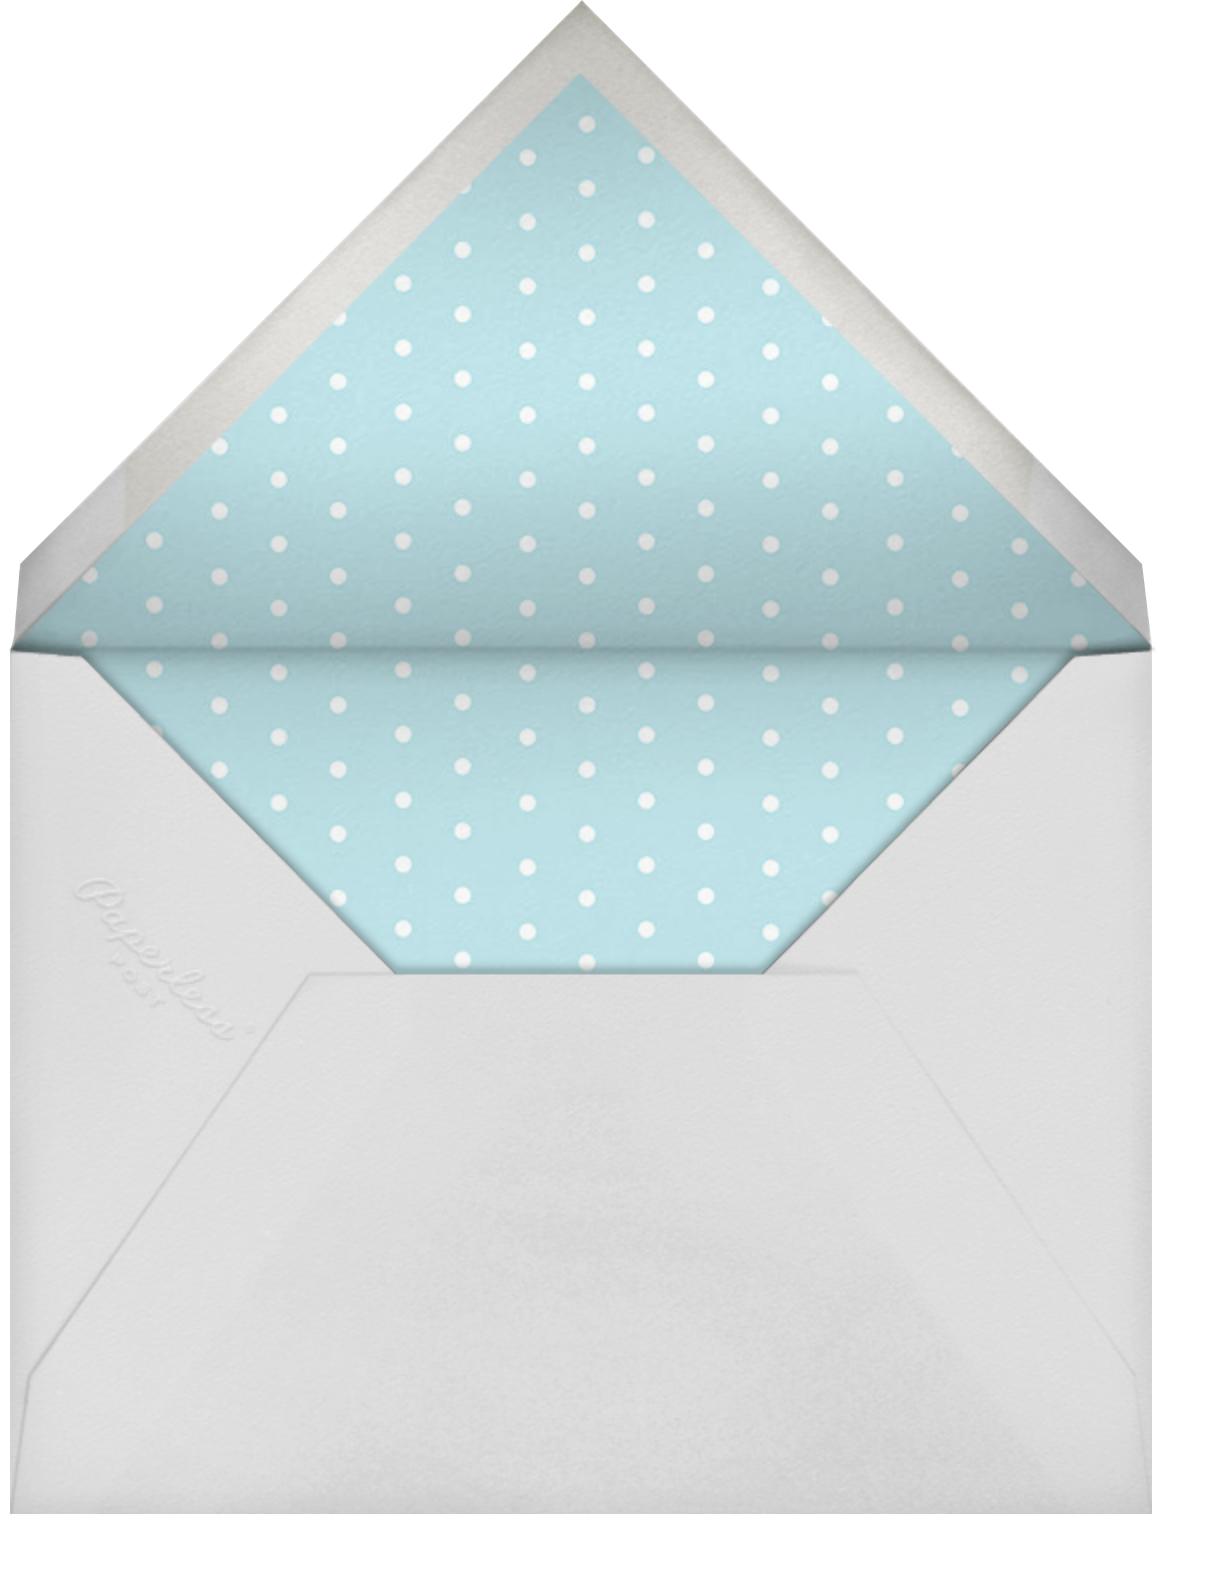 Book Shower - Caribbean - Paper Source - Baby shower - envelope back